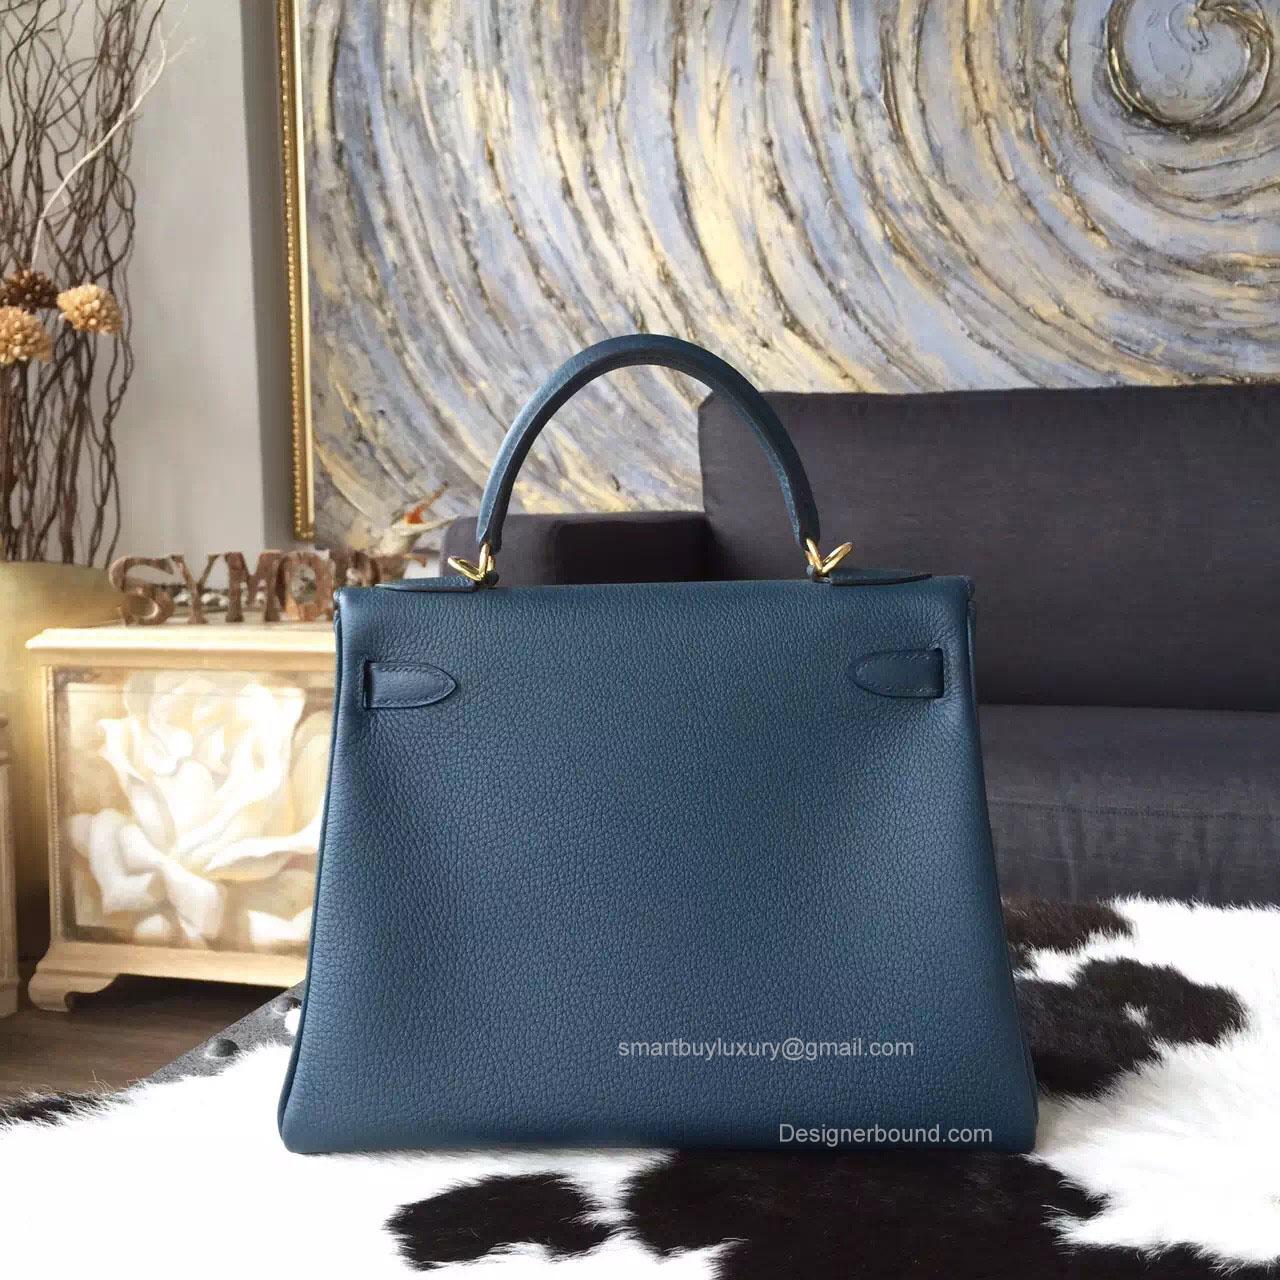 Hermes Kelly 32 Bag Colvert 1p Togo Leather Handstitched Gold hw -